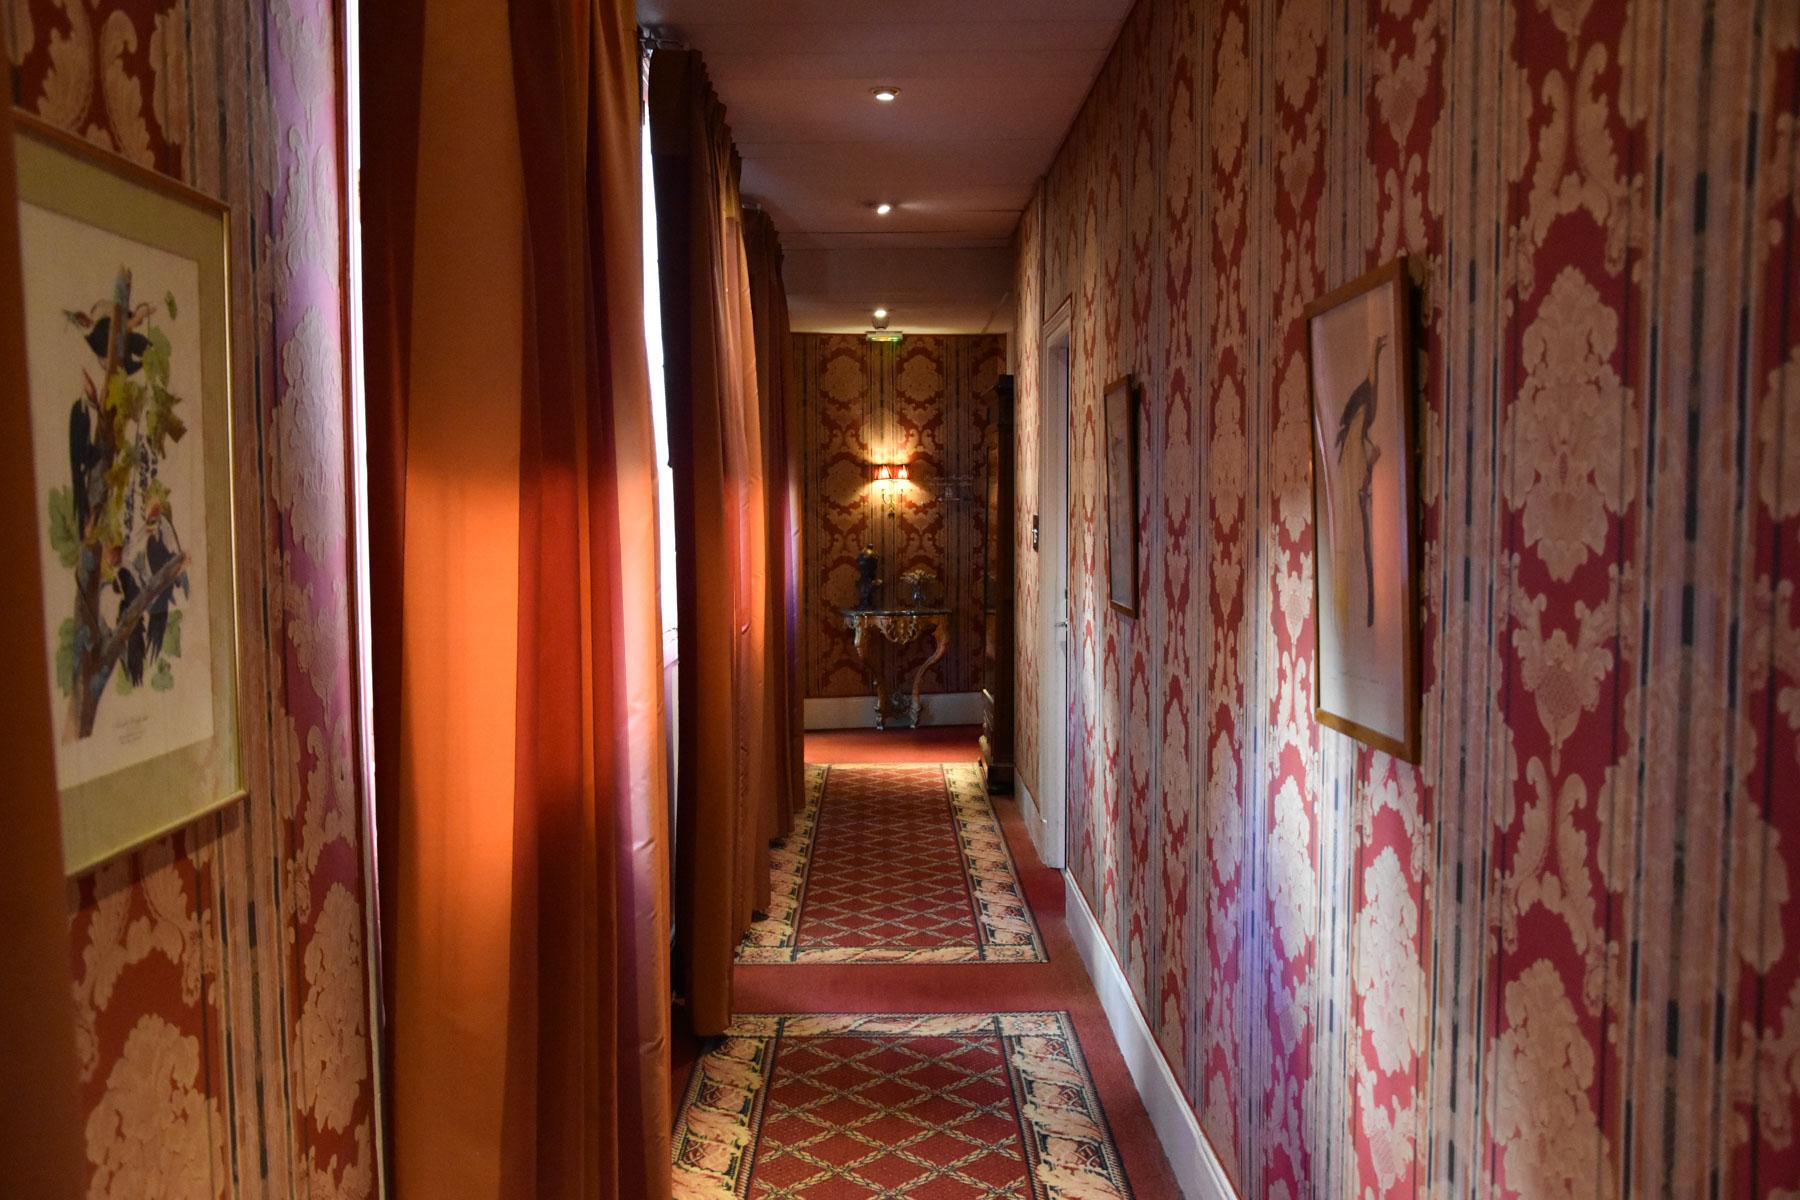 Couloir de l'hôtel Le Grand Monarque à Chartres